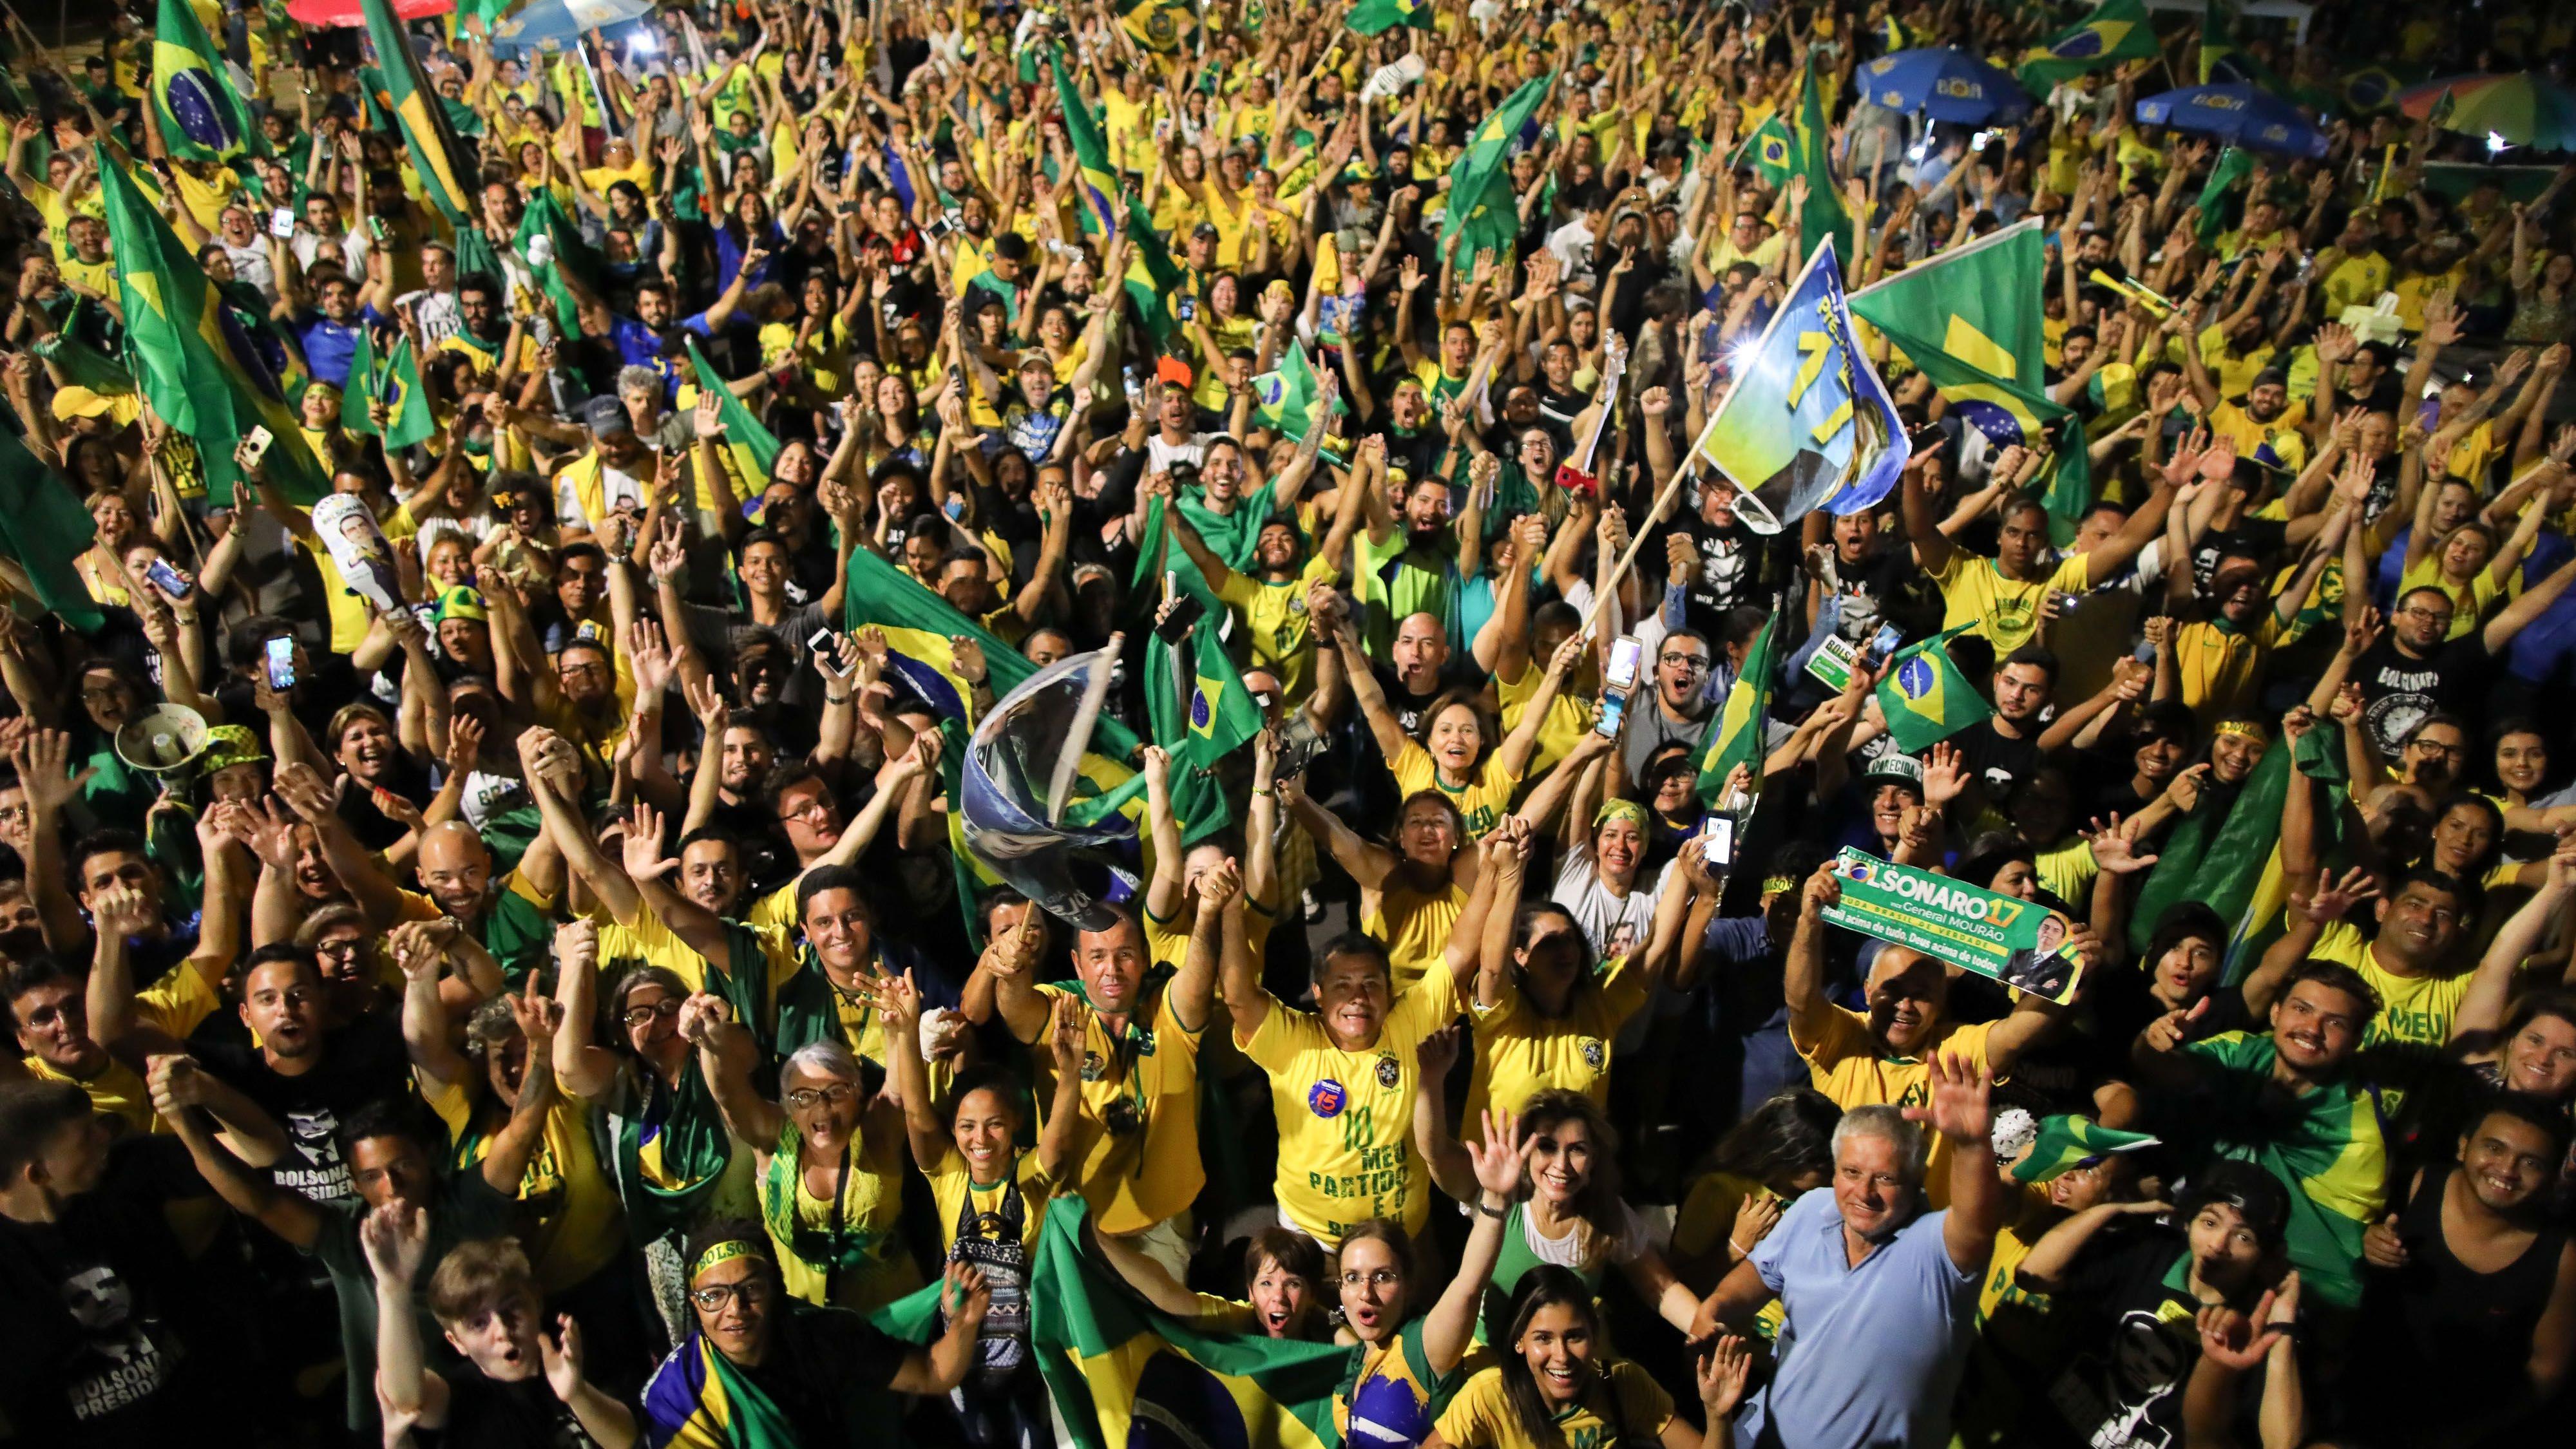 Des partisans de Jair Bolsonaro fêtent la victoire de leur candidat en agitant des drapeaux du Brésil, à Brasilia, le 28 octobre 2018.